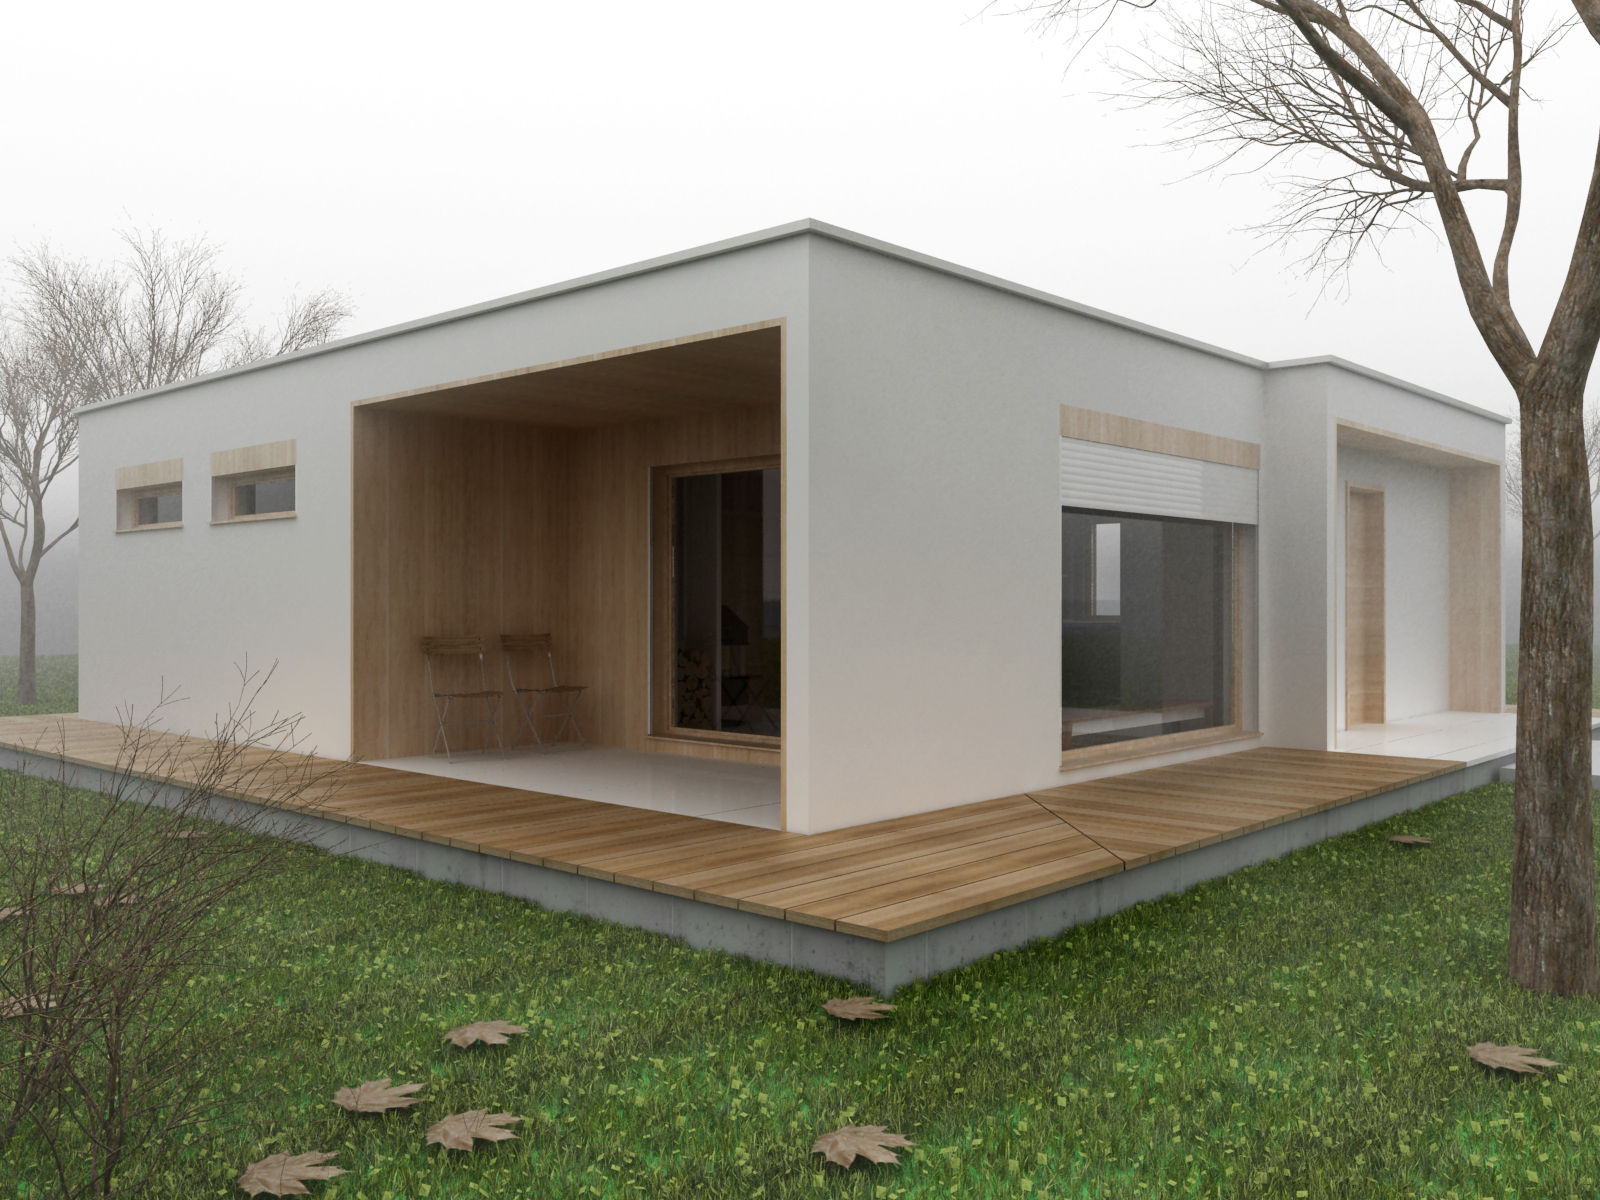 منازل جاهزة فاخرة تفصيل حسب الطلب